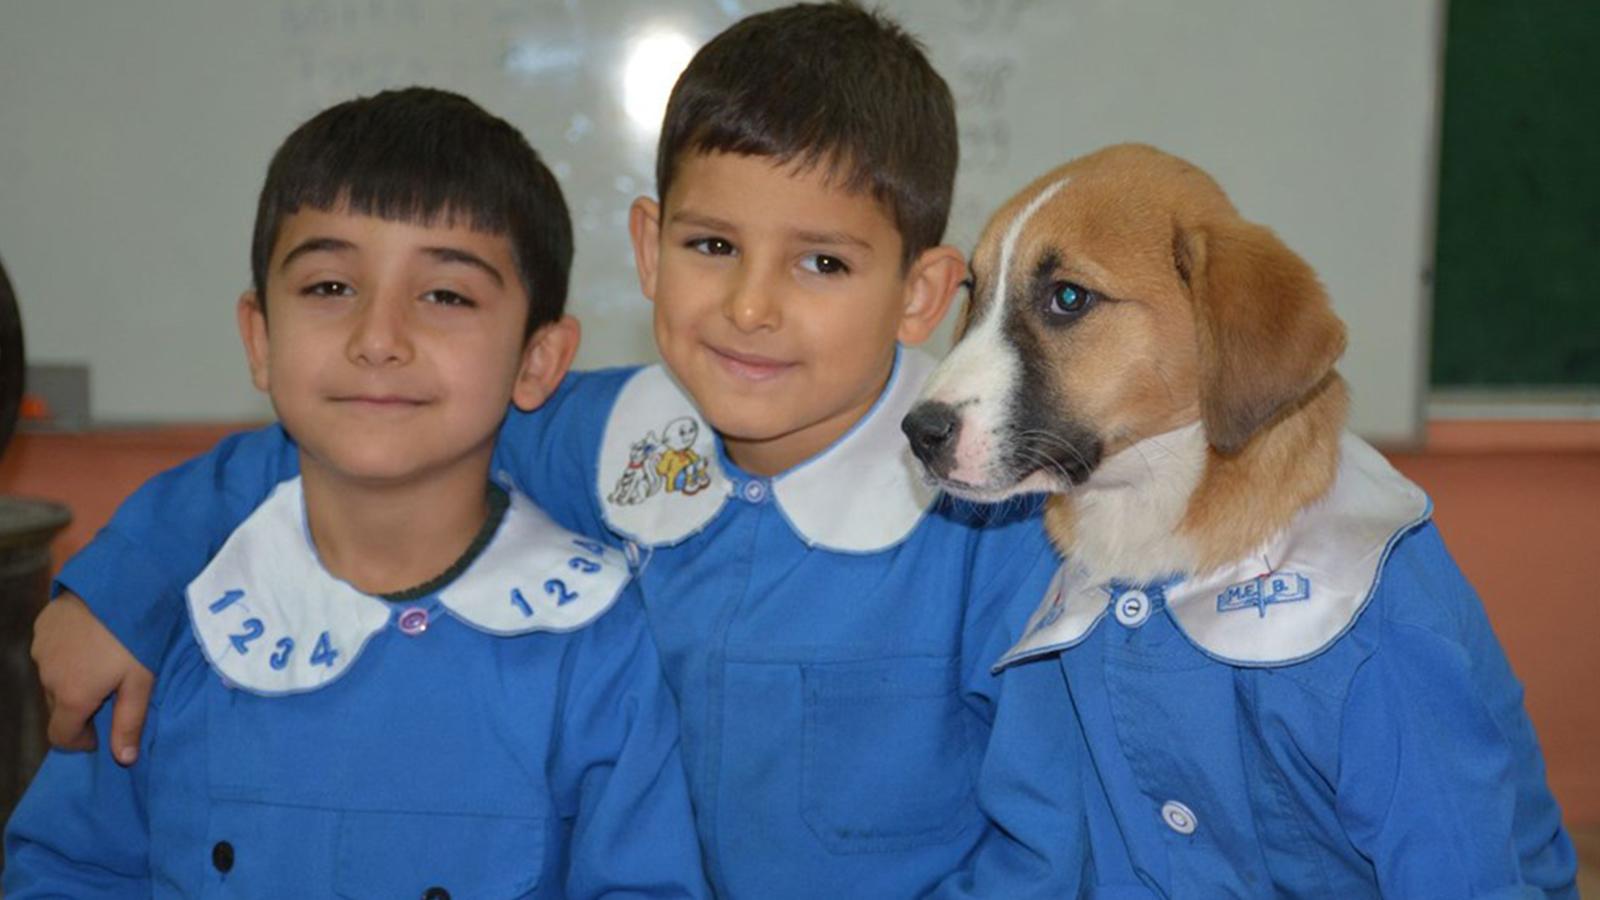 Tokat'ta mezarlıkta kimsesiz bulunan Fındık adlı yavru köpek, ilkokulda maskot oldu. Öğrenciler önlük giydirdikleri Fındık'a büyük ilgi gösterdi.